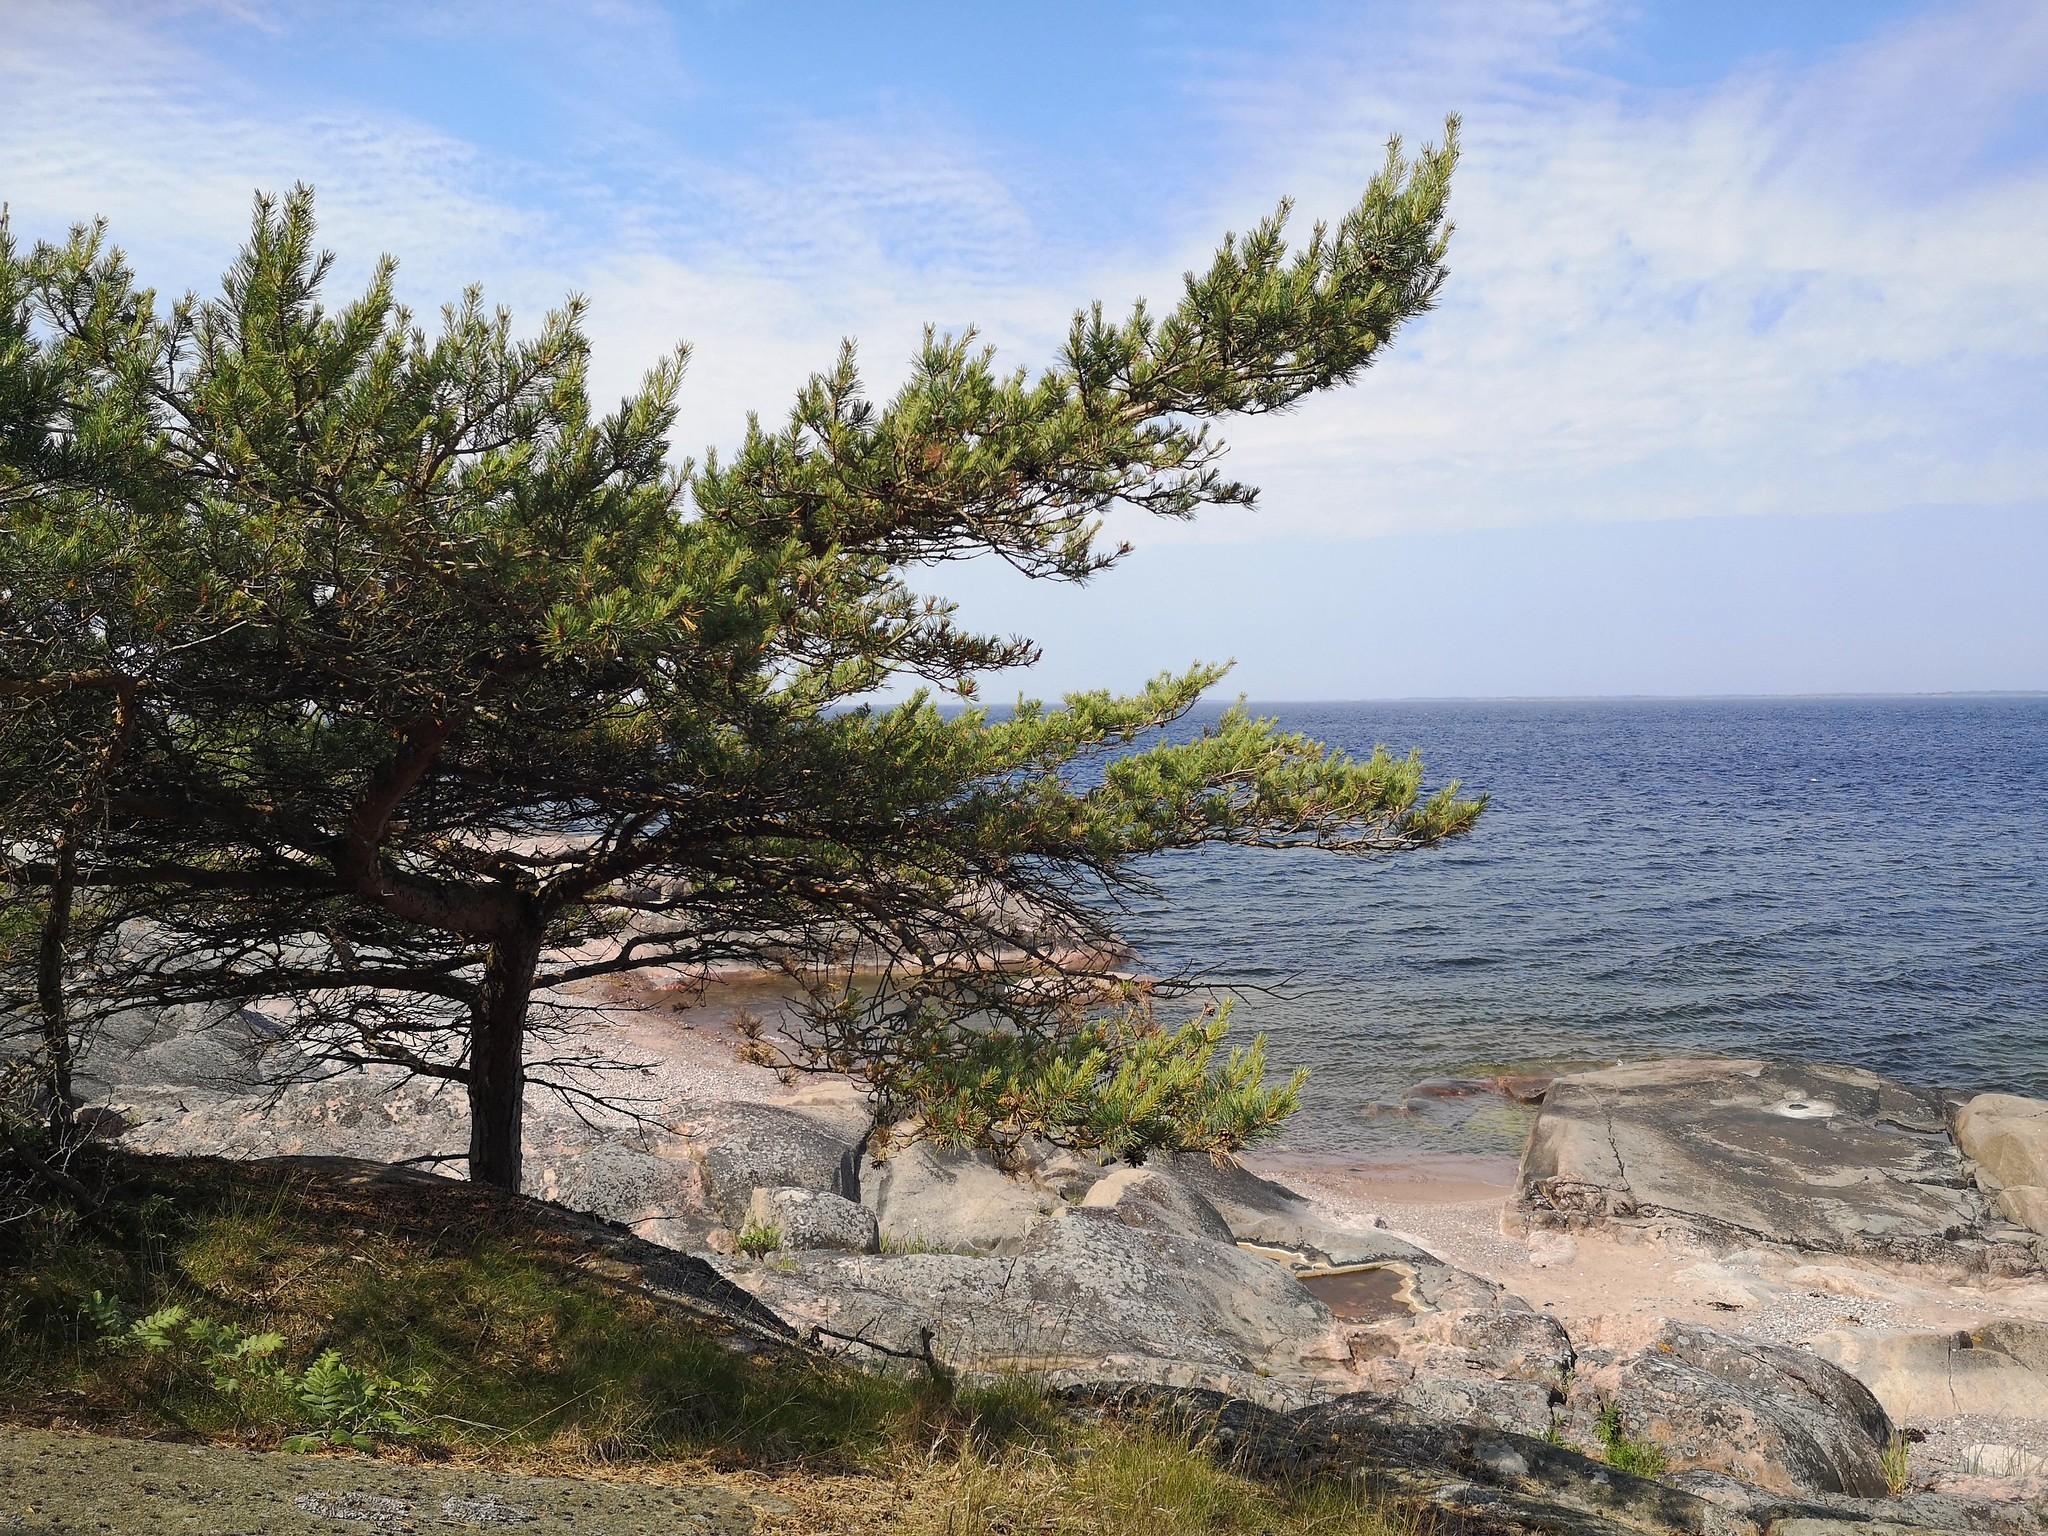 Örö Saaristomeren kansallispuisto